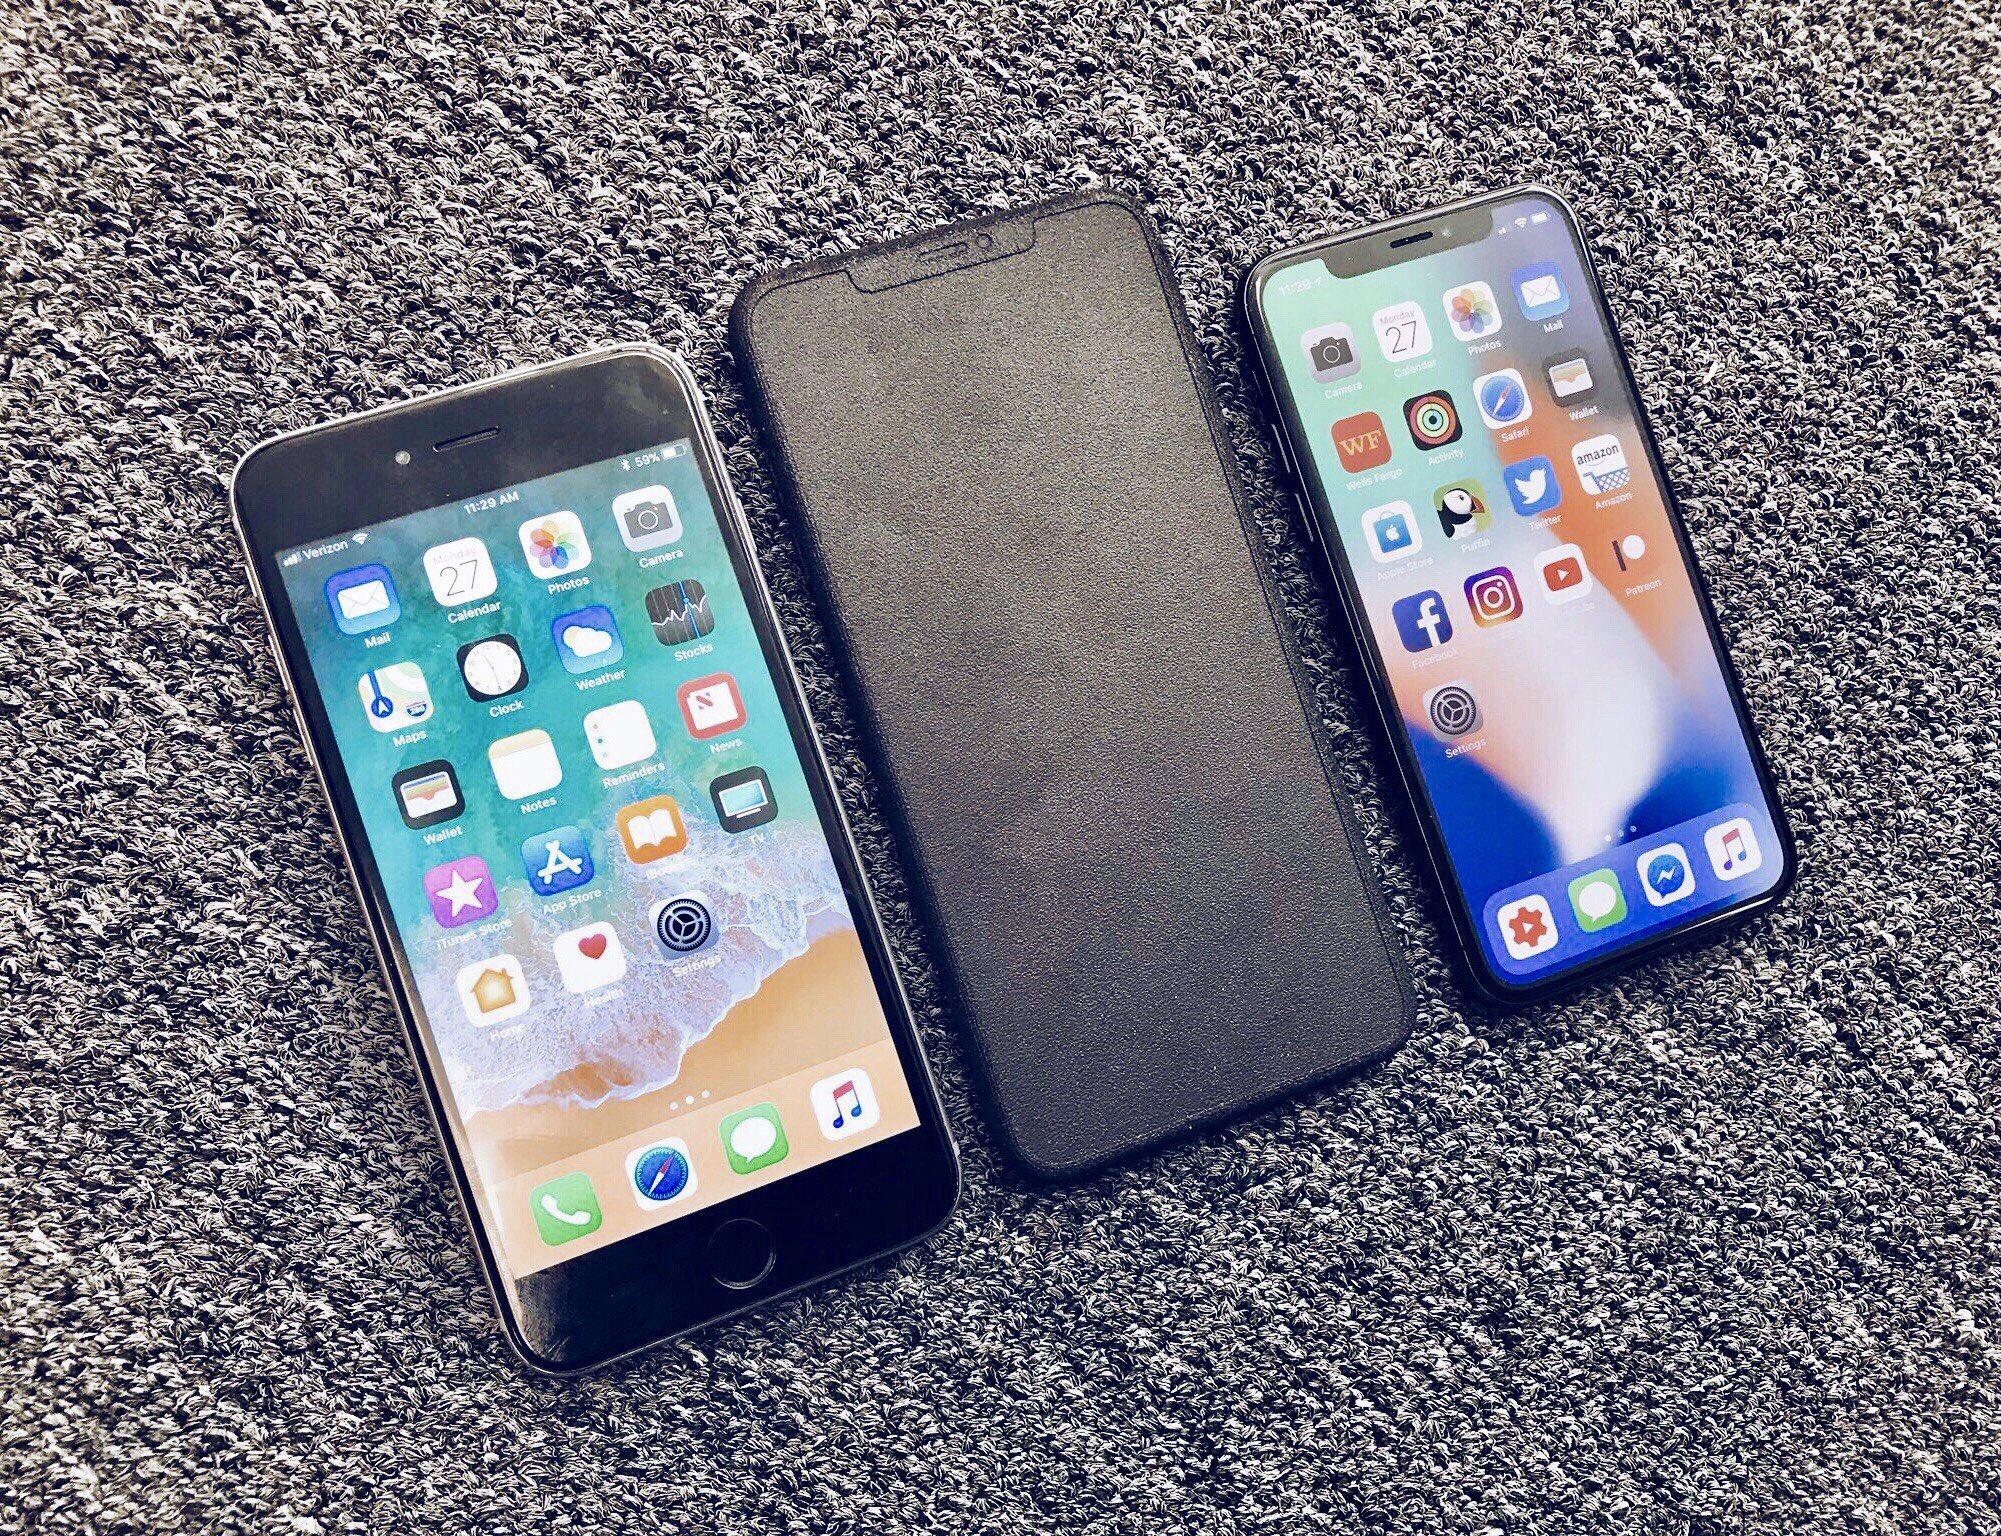 iPhone Xs comparat iPhone 8 Plus vs iPhone X